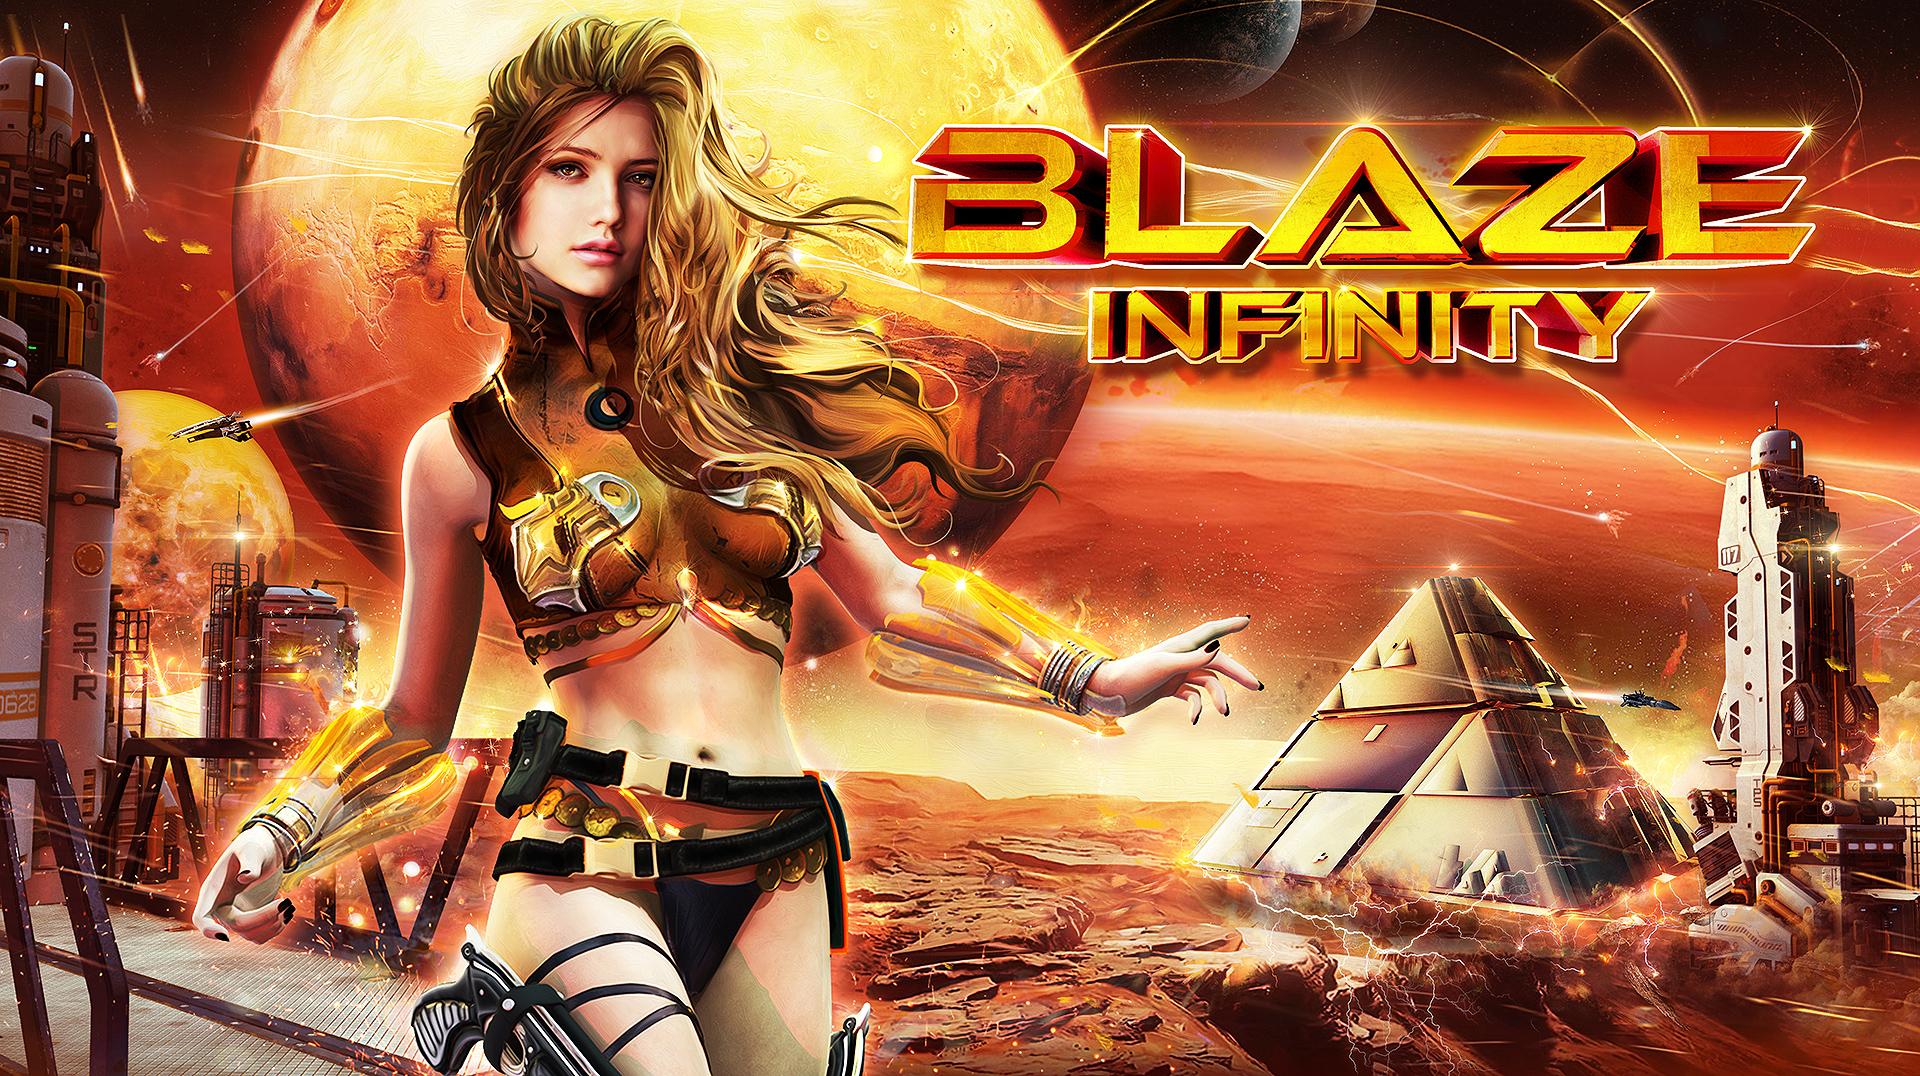 blaze-character-gold-astra-games-yayashin